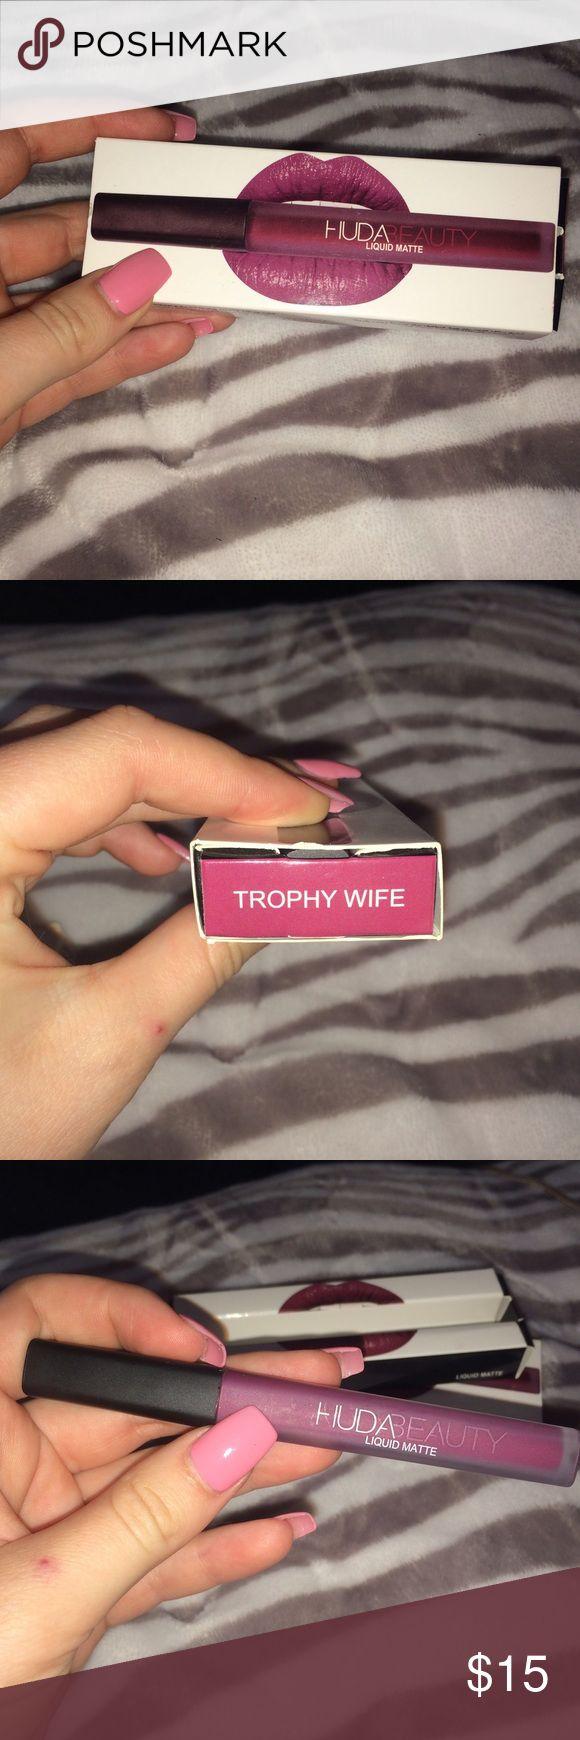 Huda liquid Lipstick:TROPHY WIFE Plum purple color. Never been worn. huda beauty Makeup Lipstick